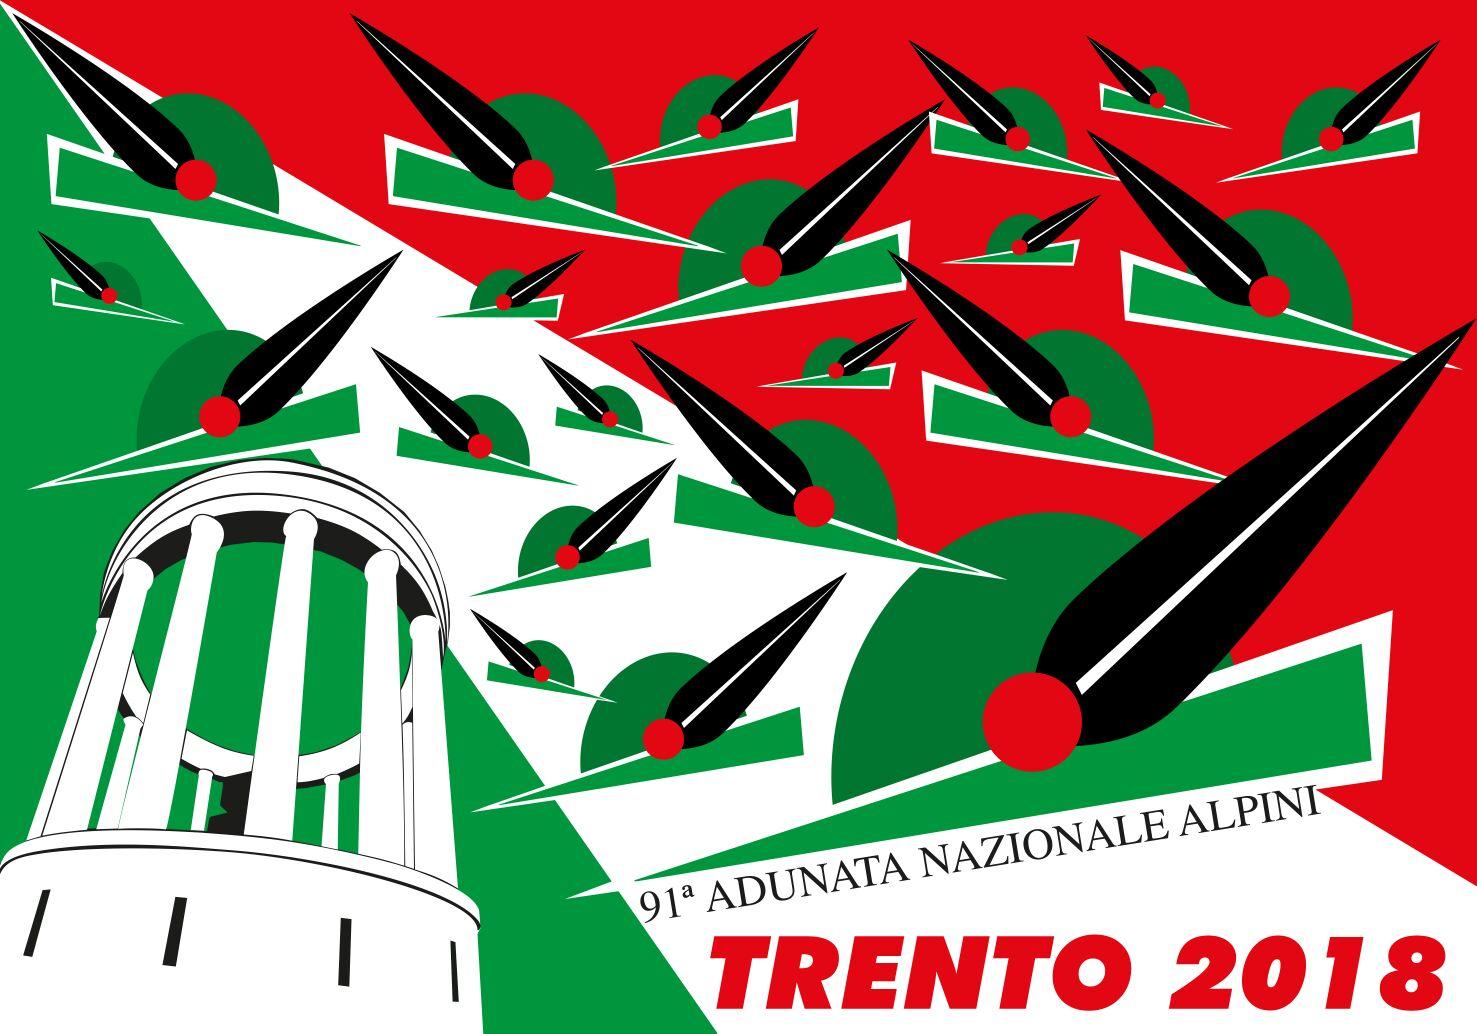 Calendario Prossime Adunate Alpini.Calendario Prossime Adunate Alpini Trento 2018